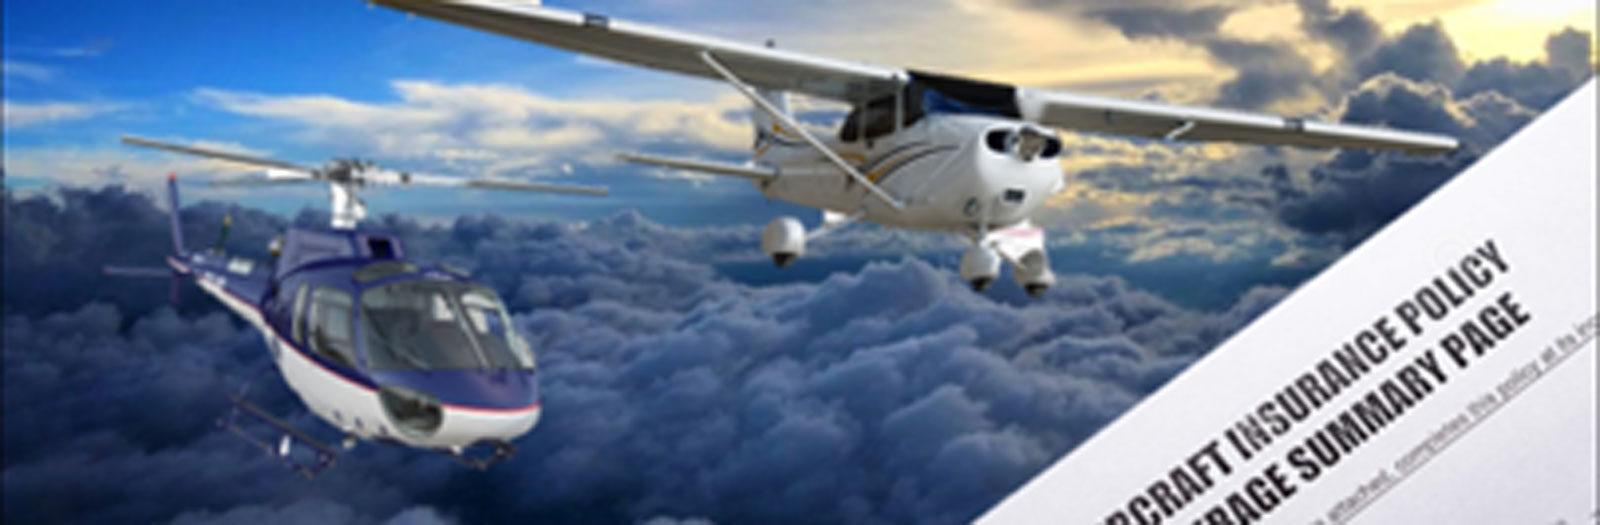 """Webinar """"Seguros en la Aviación General"""", inscríbete ahora!"""